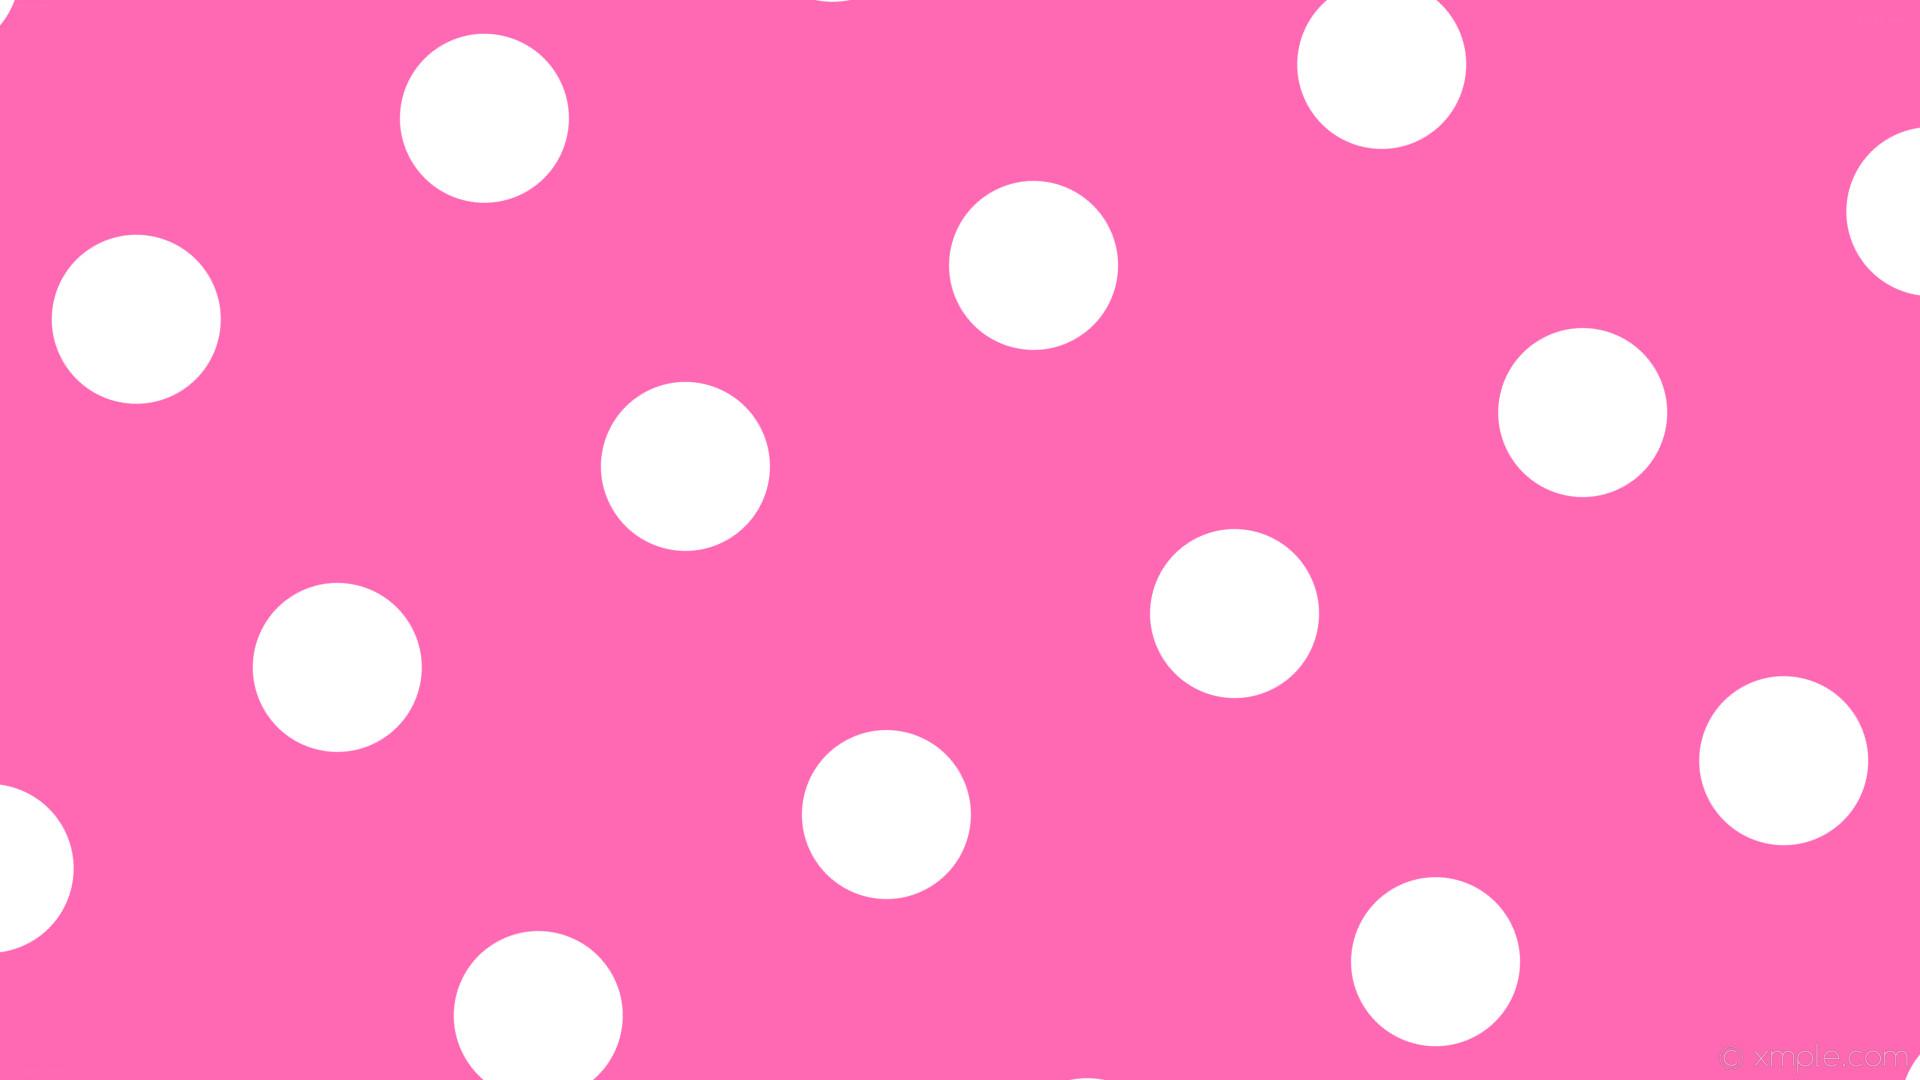 White polka dot wallpaper 83 images for Polka dot wallpaper